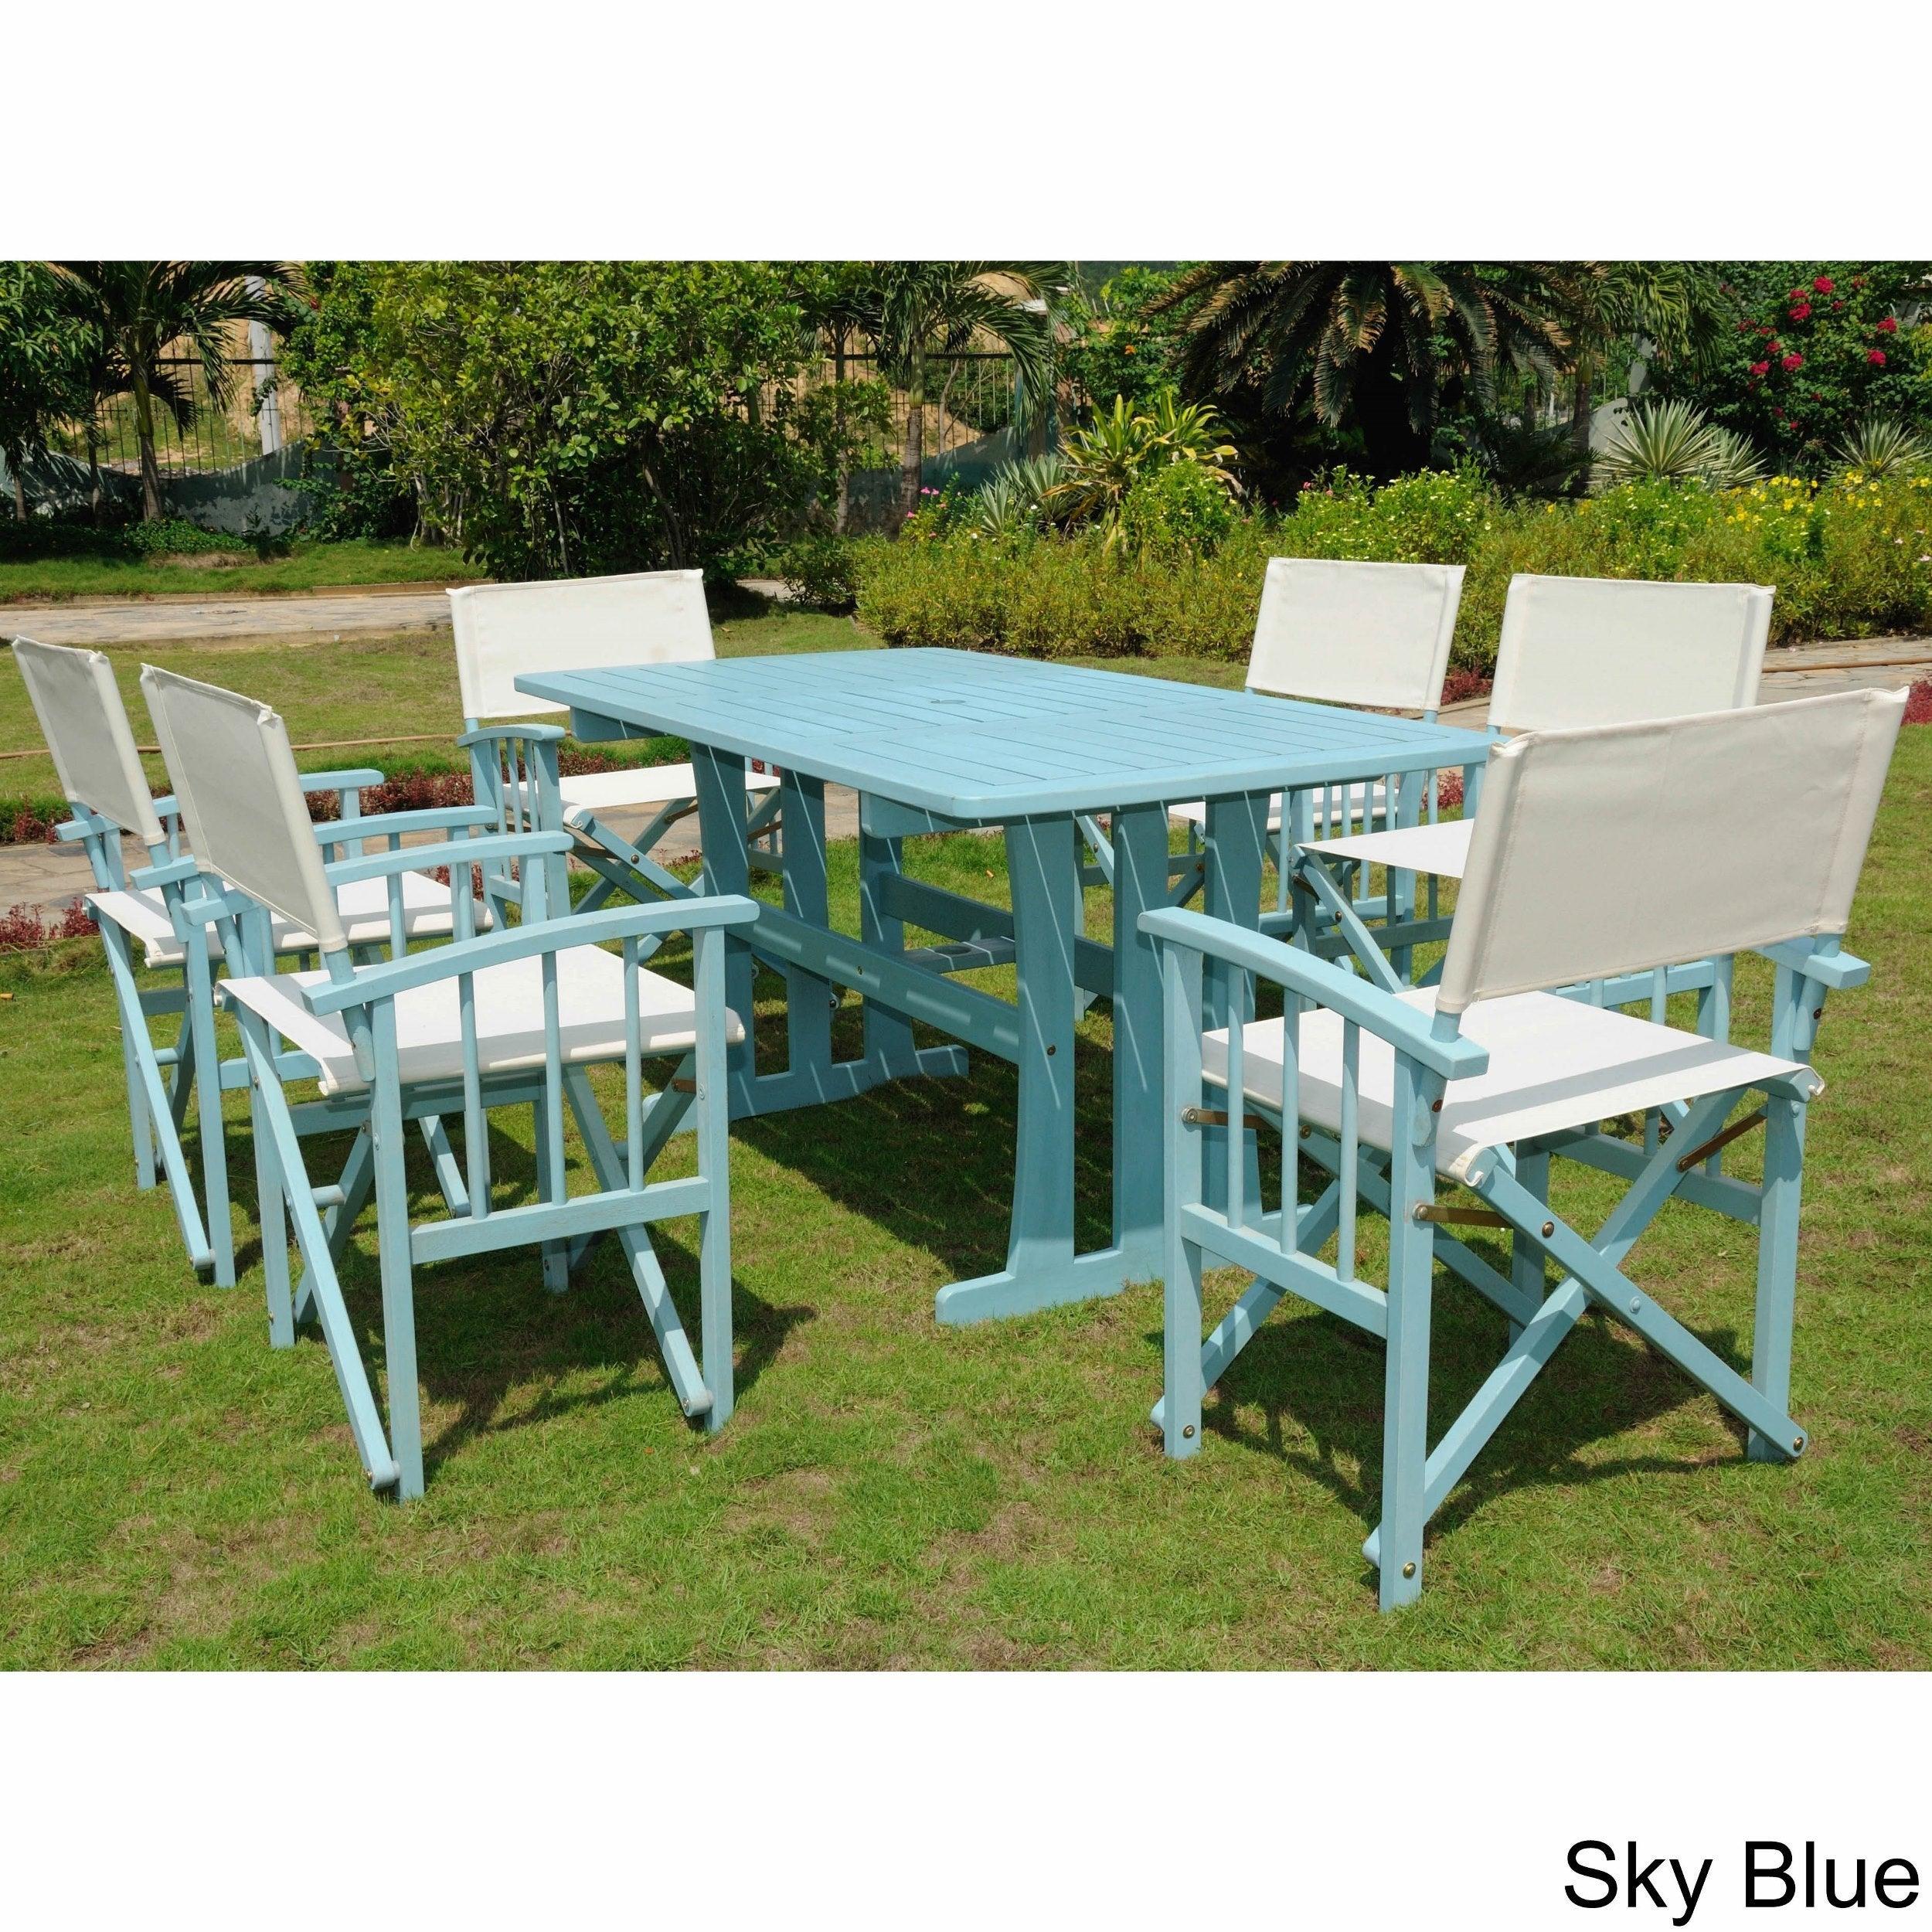 International Caravan Messina Acacia Hardwood Outdoor 7 Piece Dining Set With Messina Garden Stools Set (Set Of 2) (View 2 of 25)